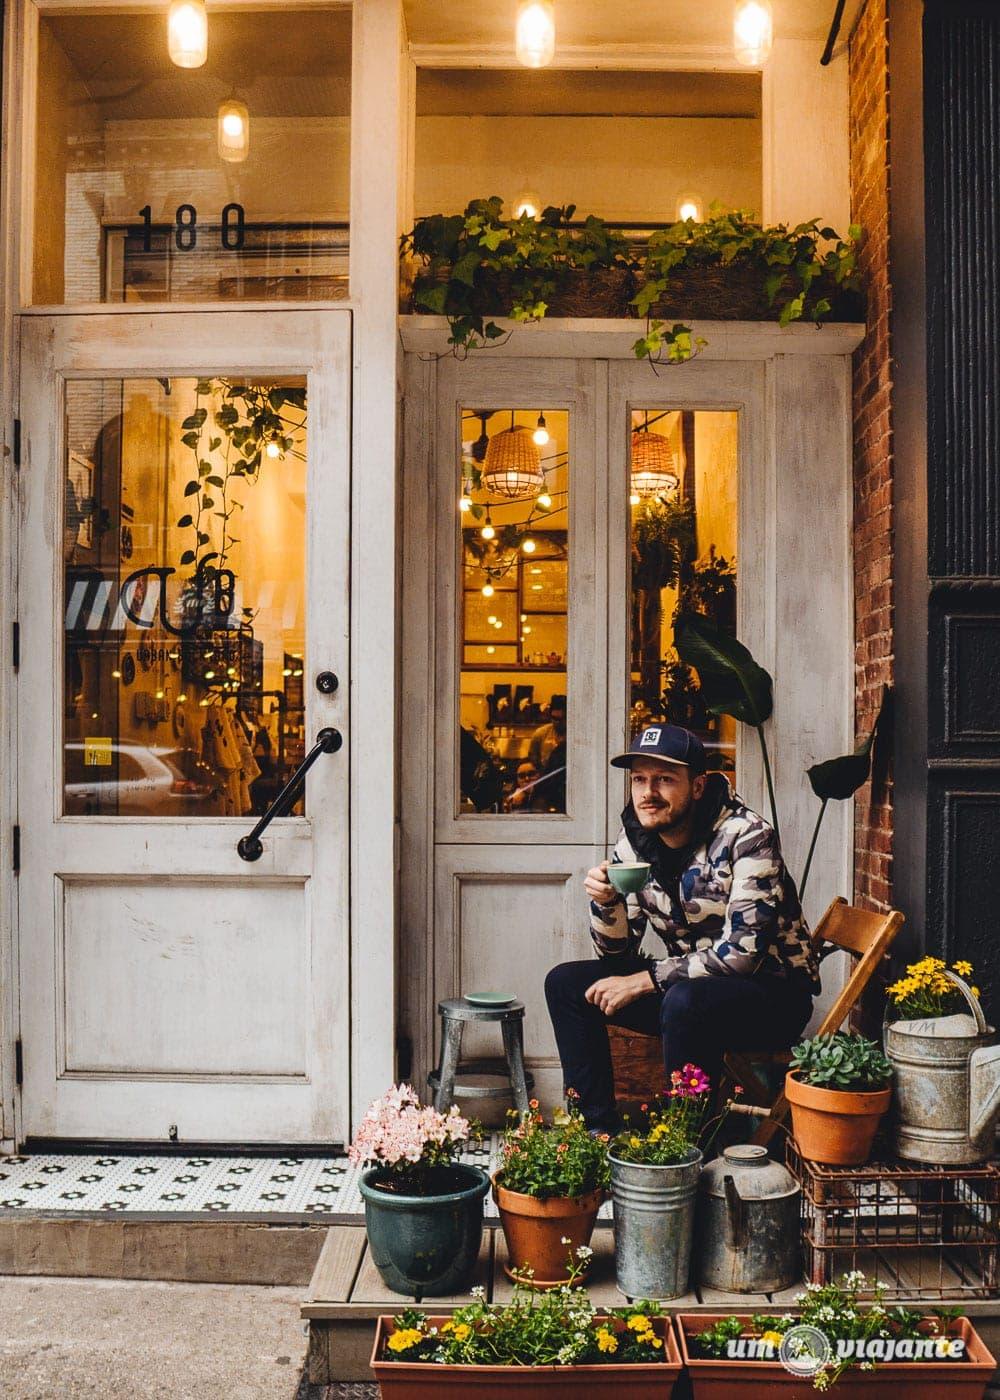 Cub Urban Backyard - Café no SoHO - Roteiro Nova York